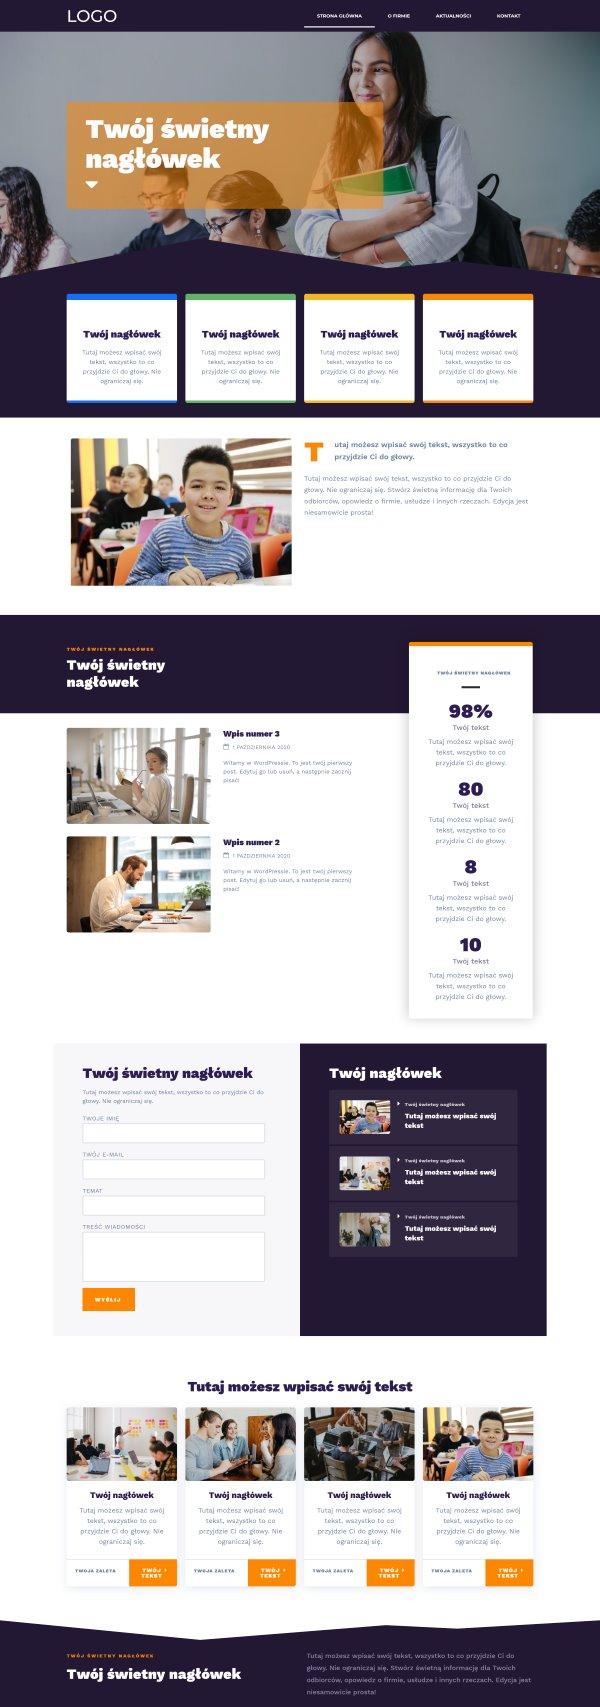 gotowa strona internetowa dla firmy edukacyjnej